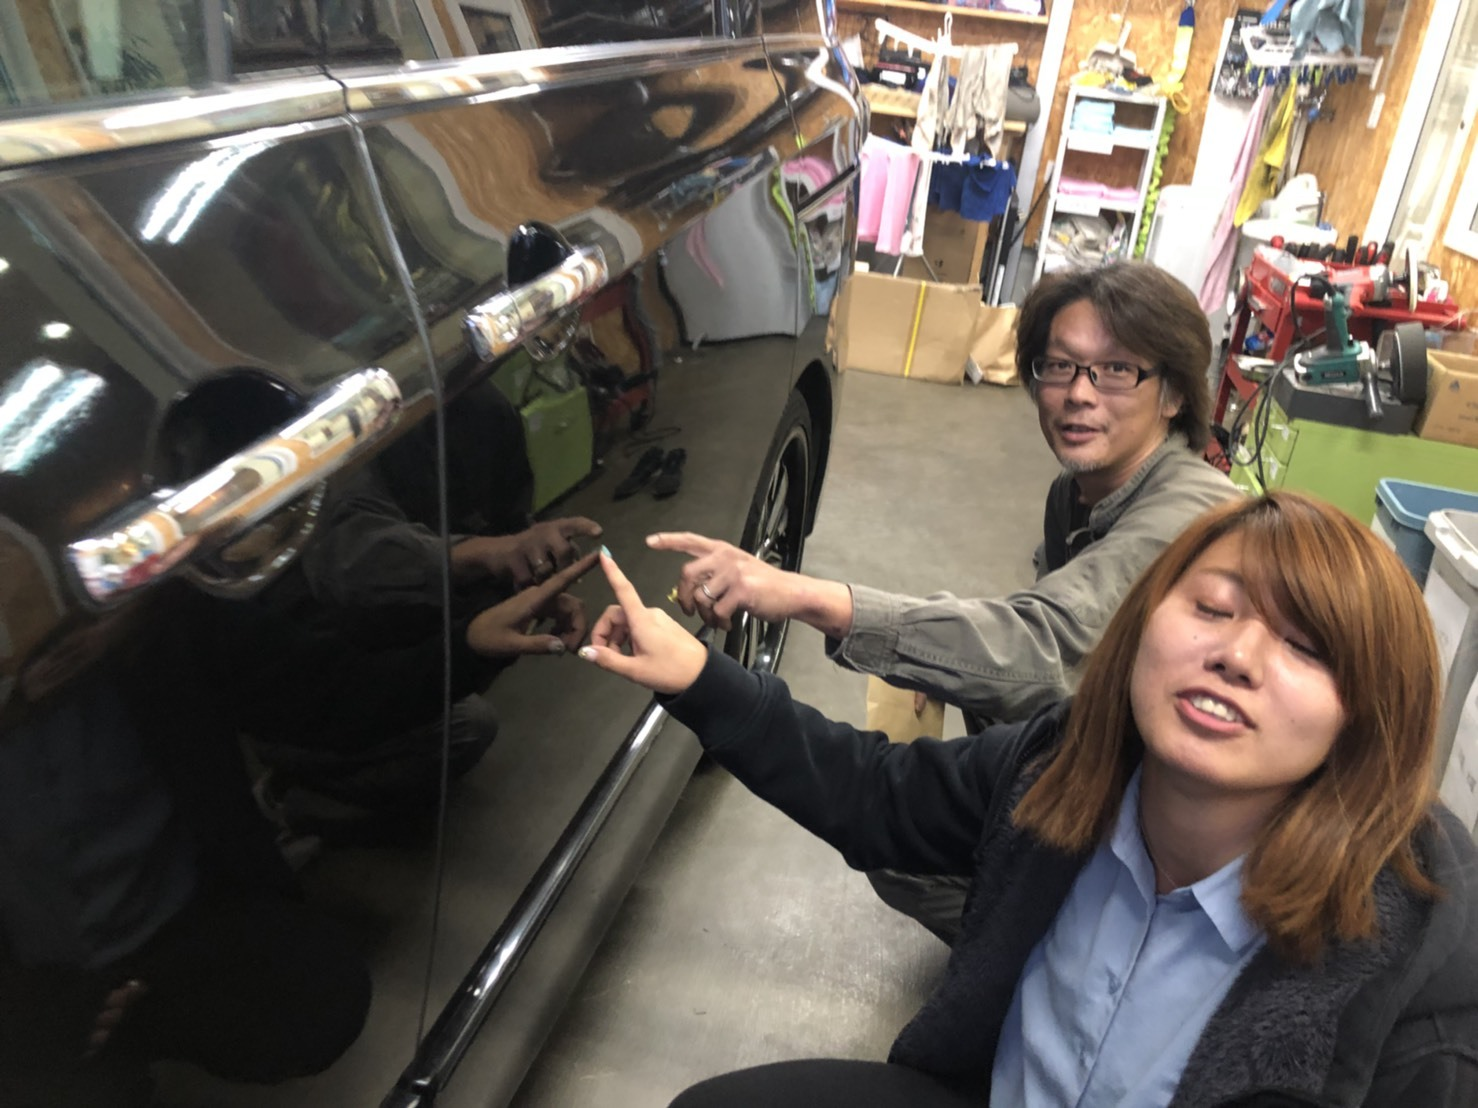 10月13日(土)✿ランクル80F様&ベンツSL350A社様納車(゜゜)♡タントK様ご成約(^^)/_b0127002_18250563.jpg